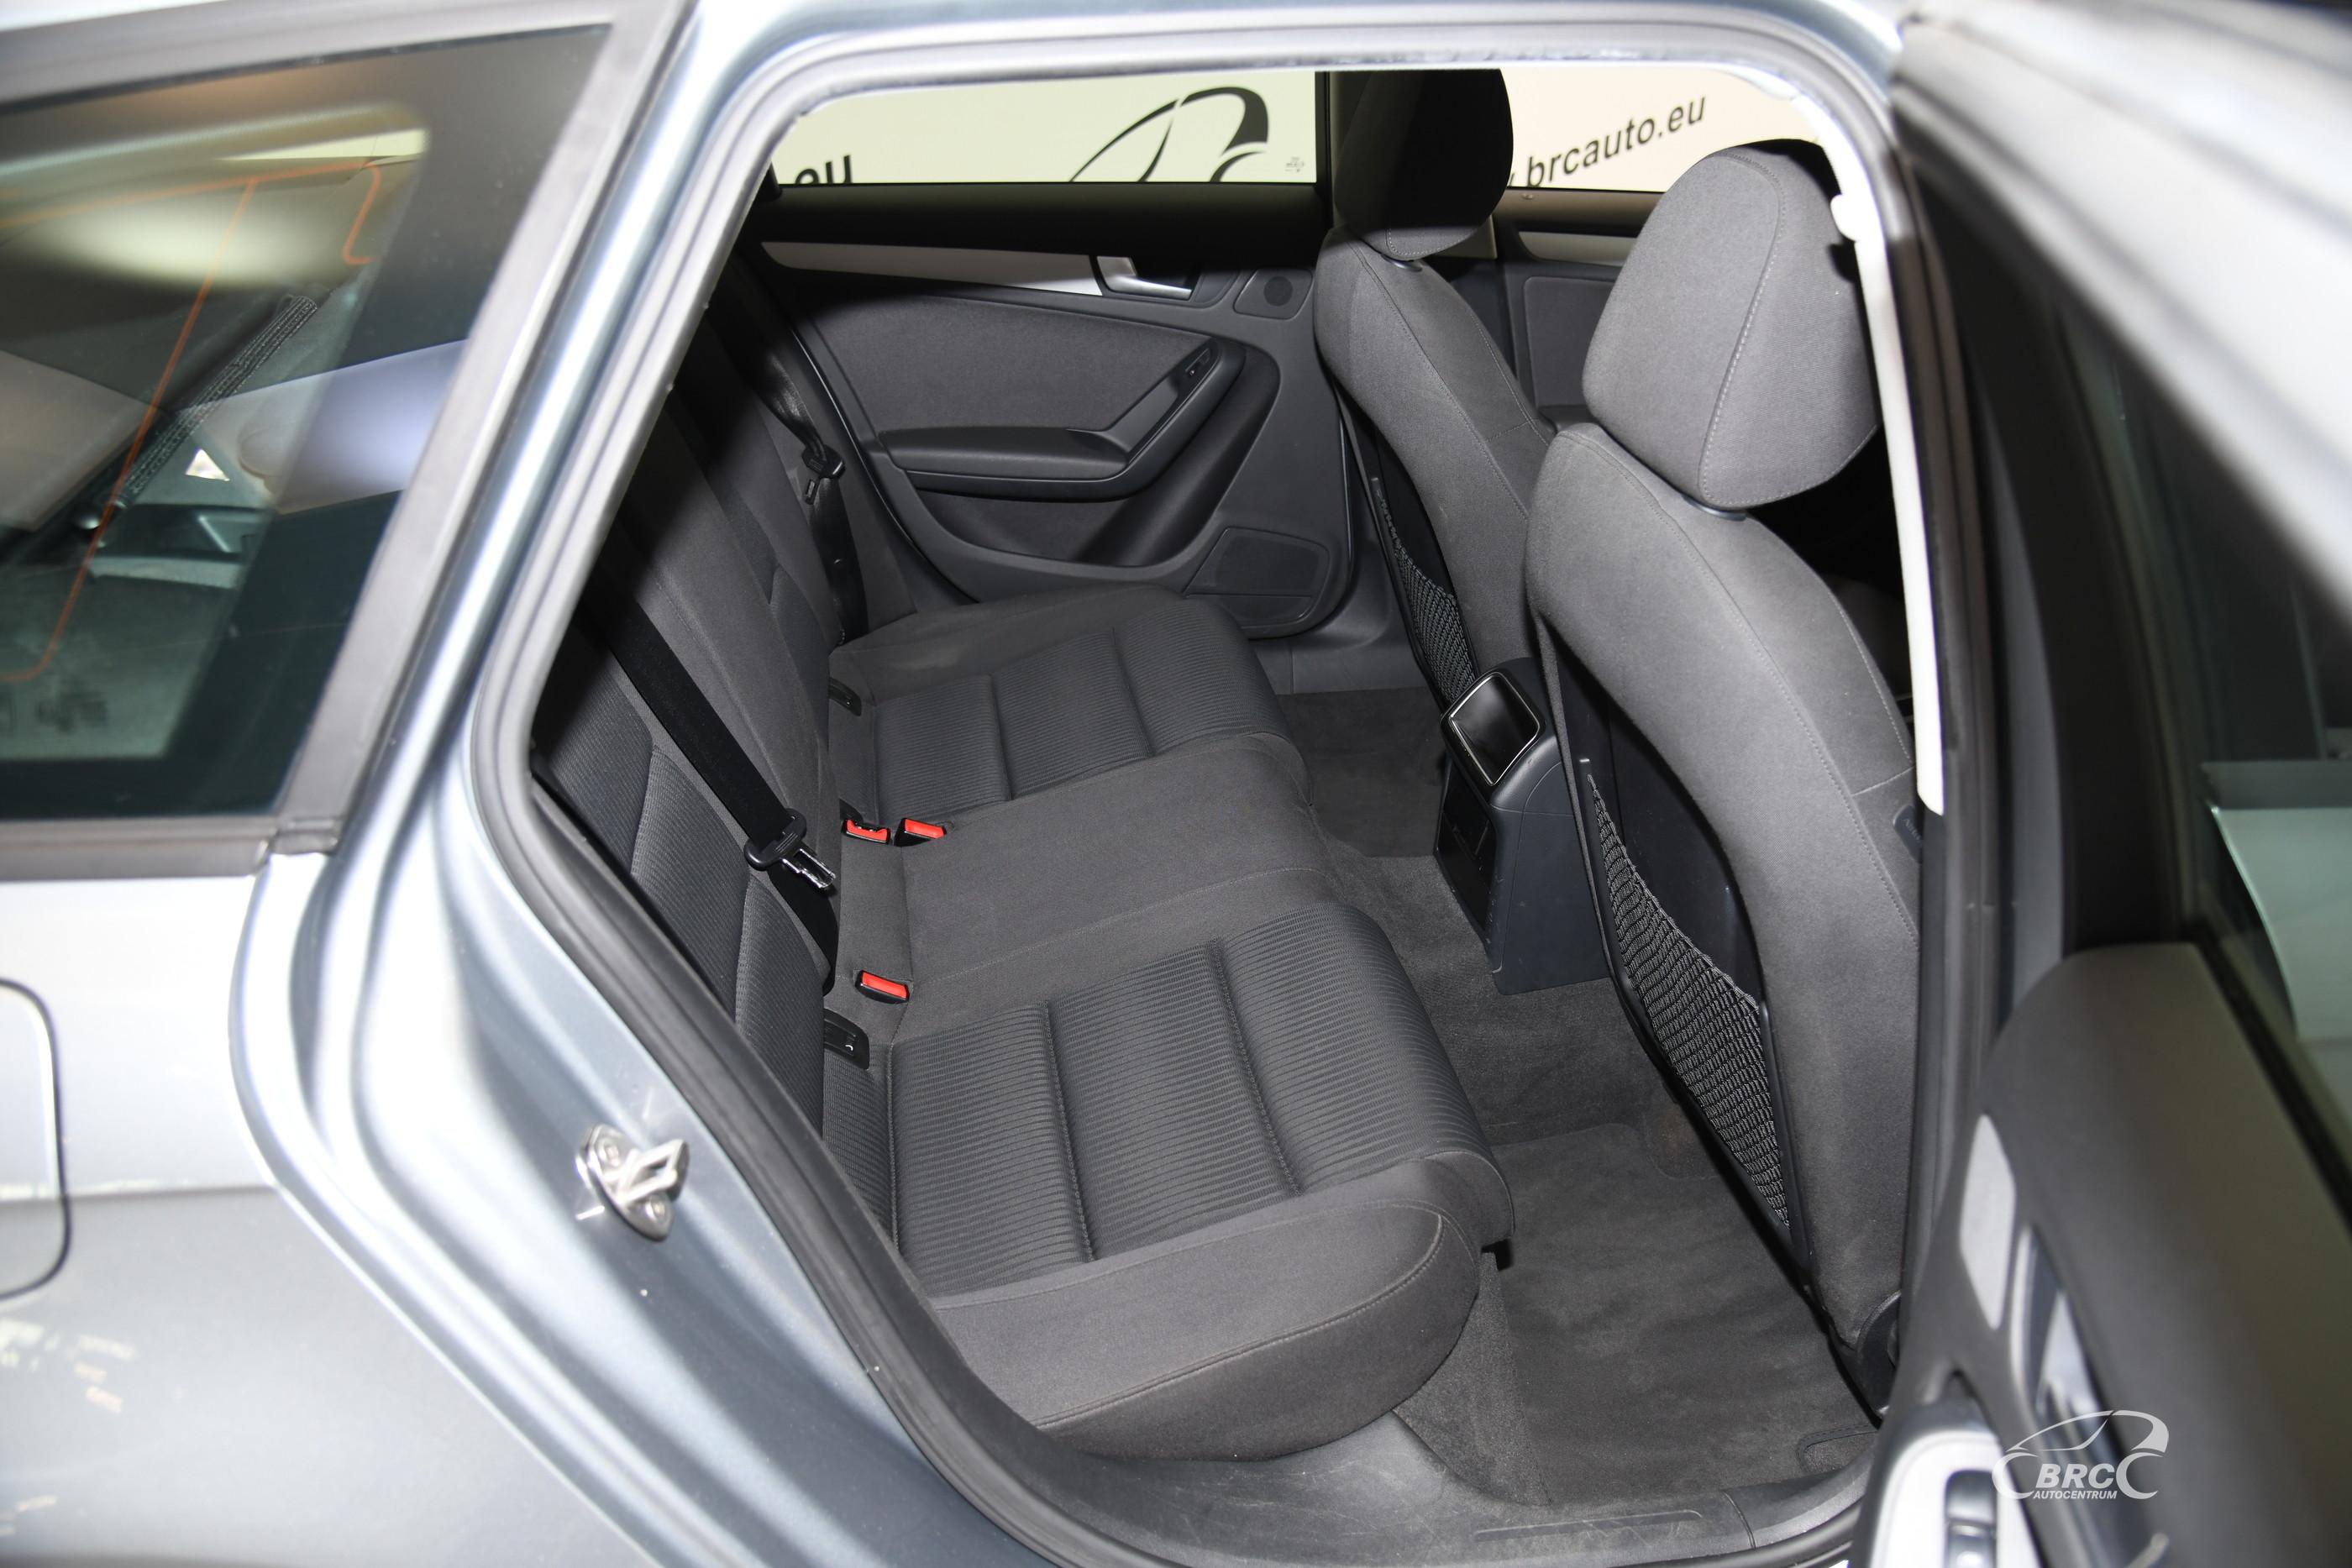 Audi A4 2.0 TDI Avant